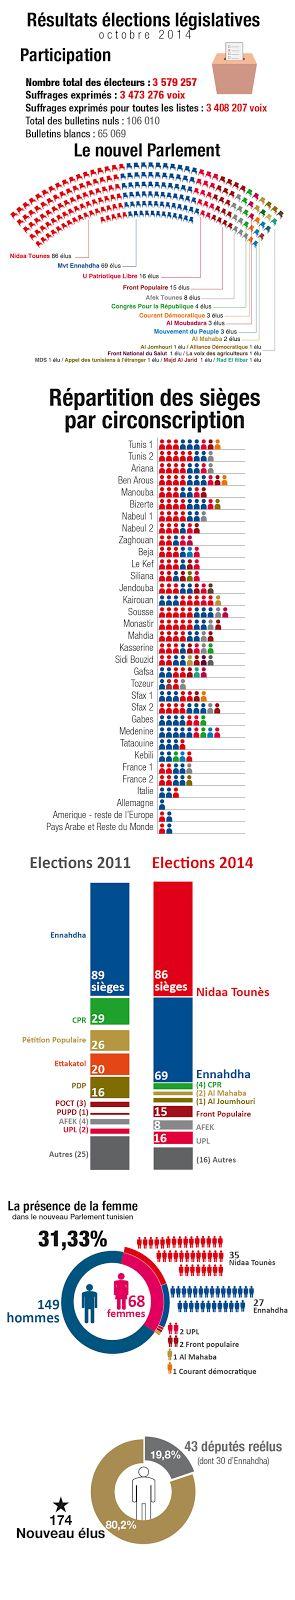 UNIVERSAL DESIGN: Résultats Elections en Tunisie